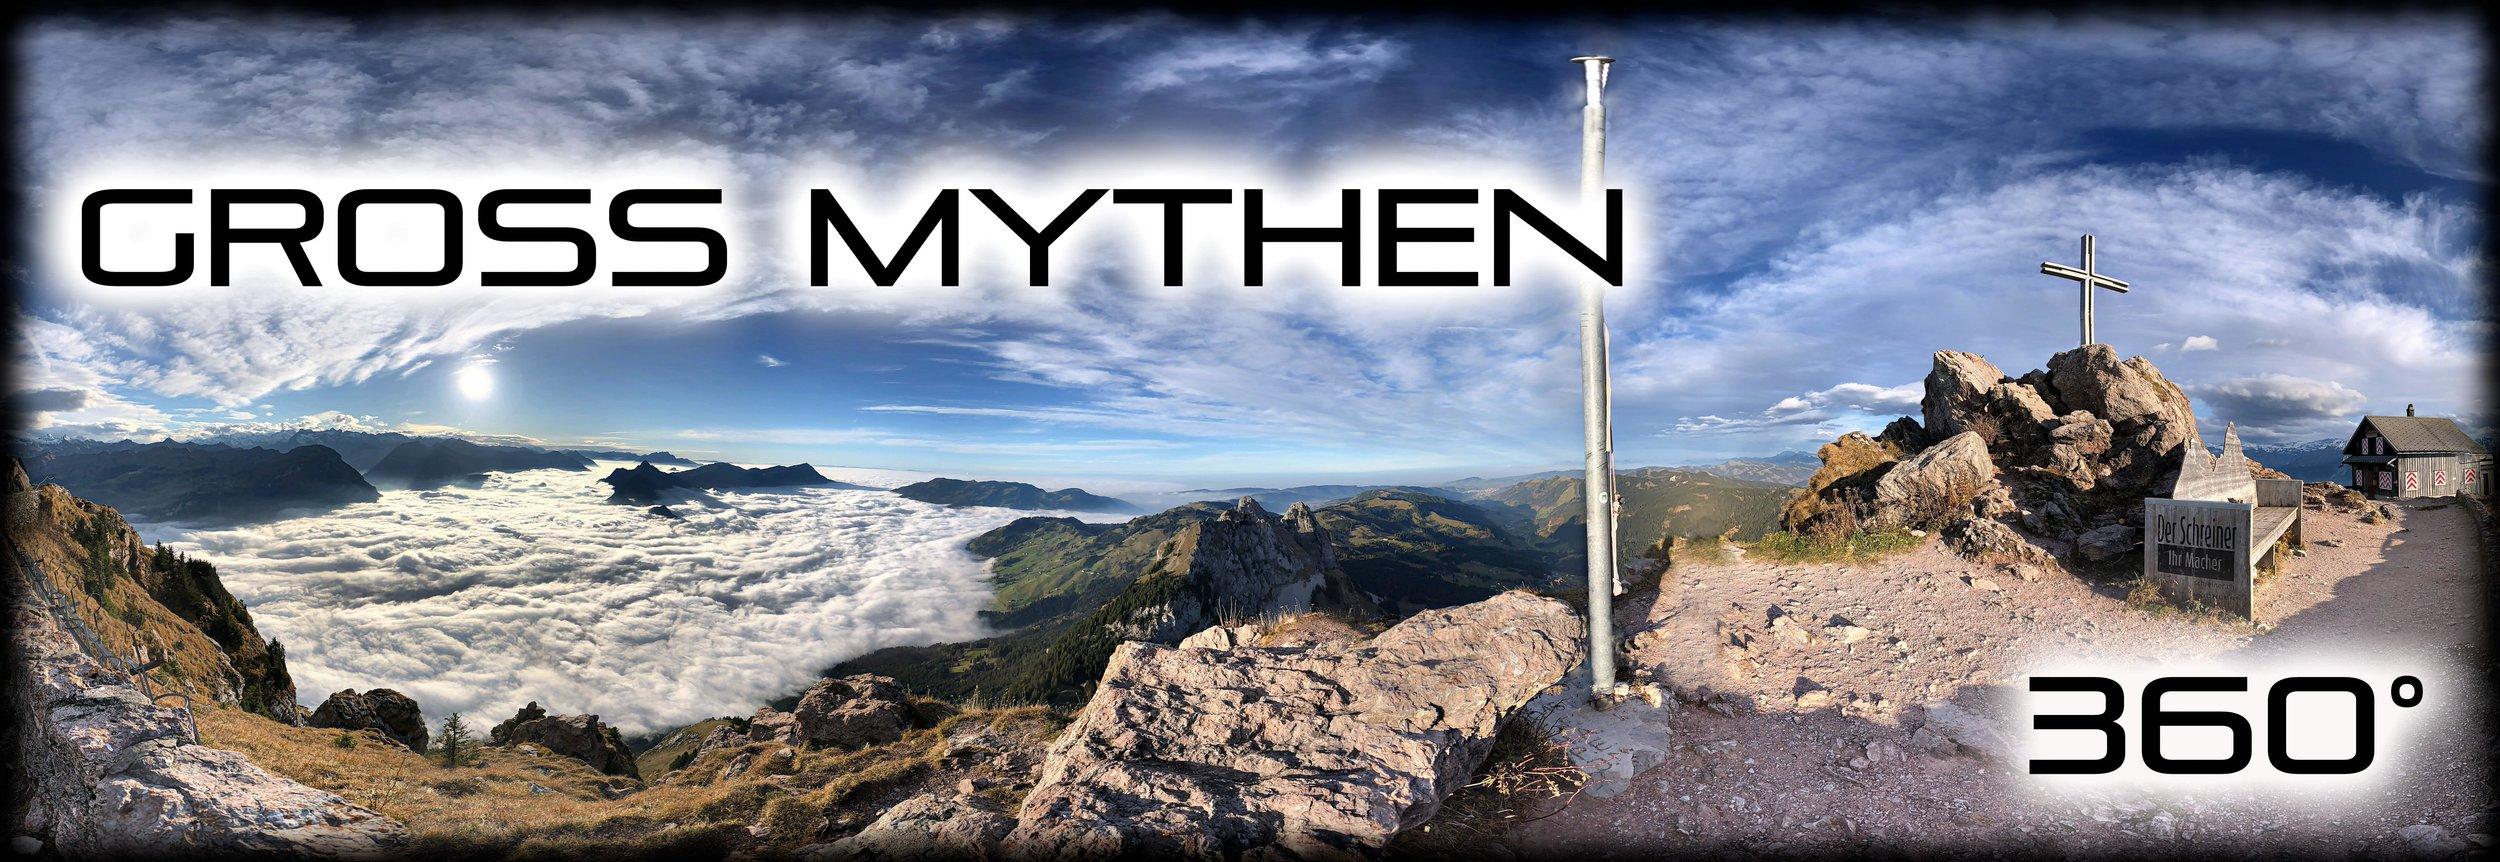 Grosser Mythen - November 2018